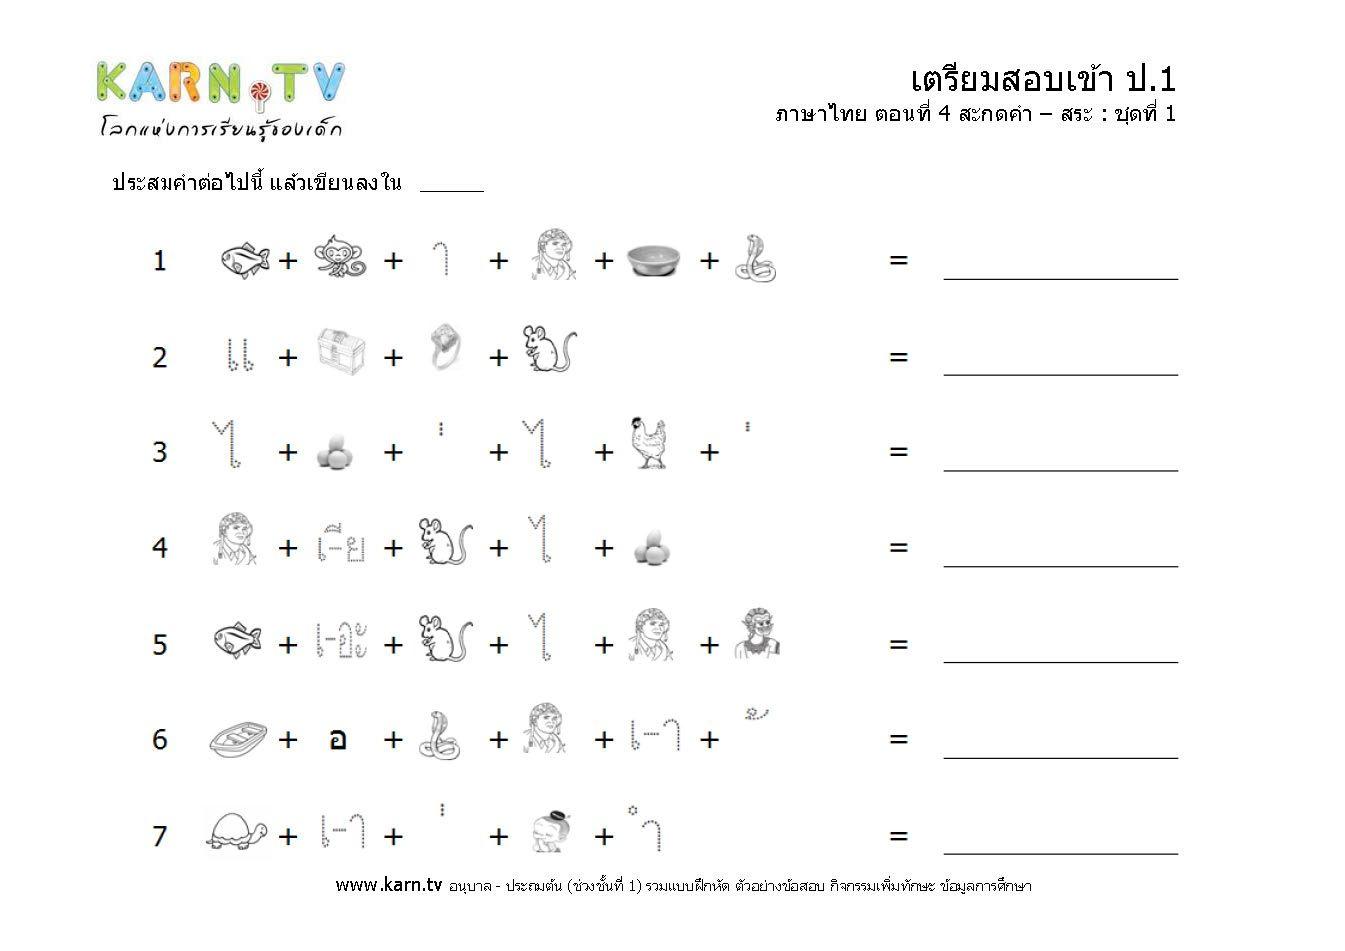 ภาษาไทย 4 สะกดคำ ชุด 1 อนุบาล, ชุด